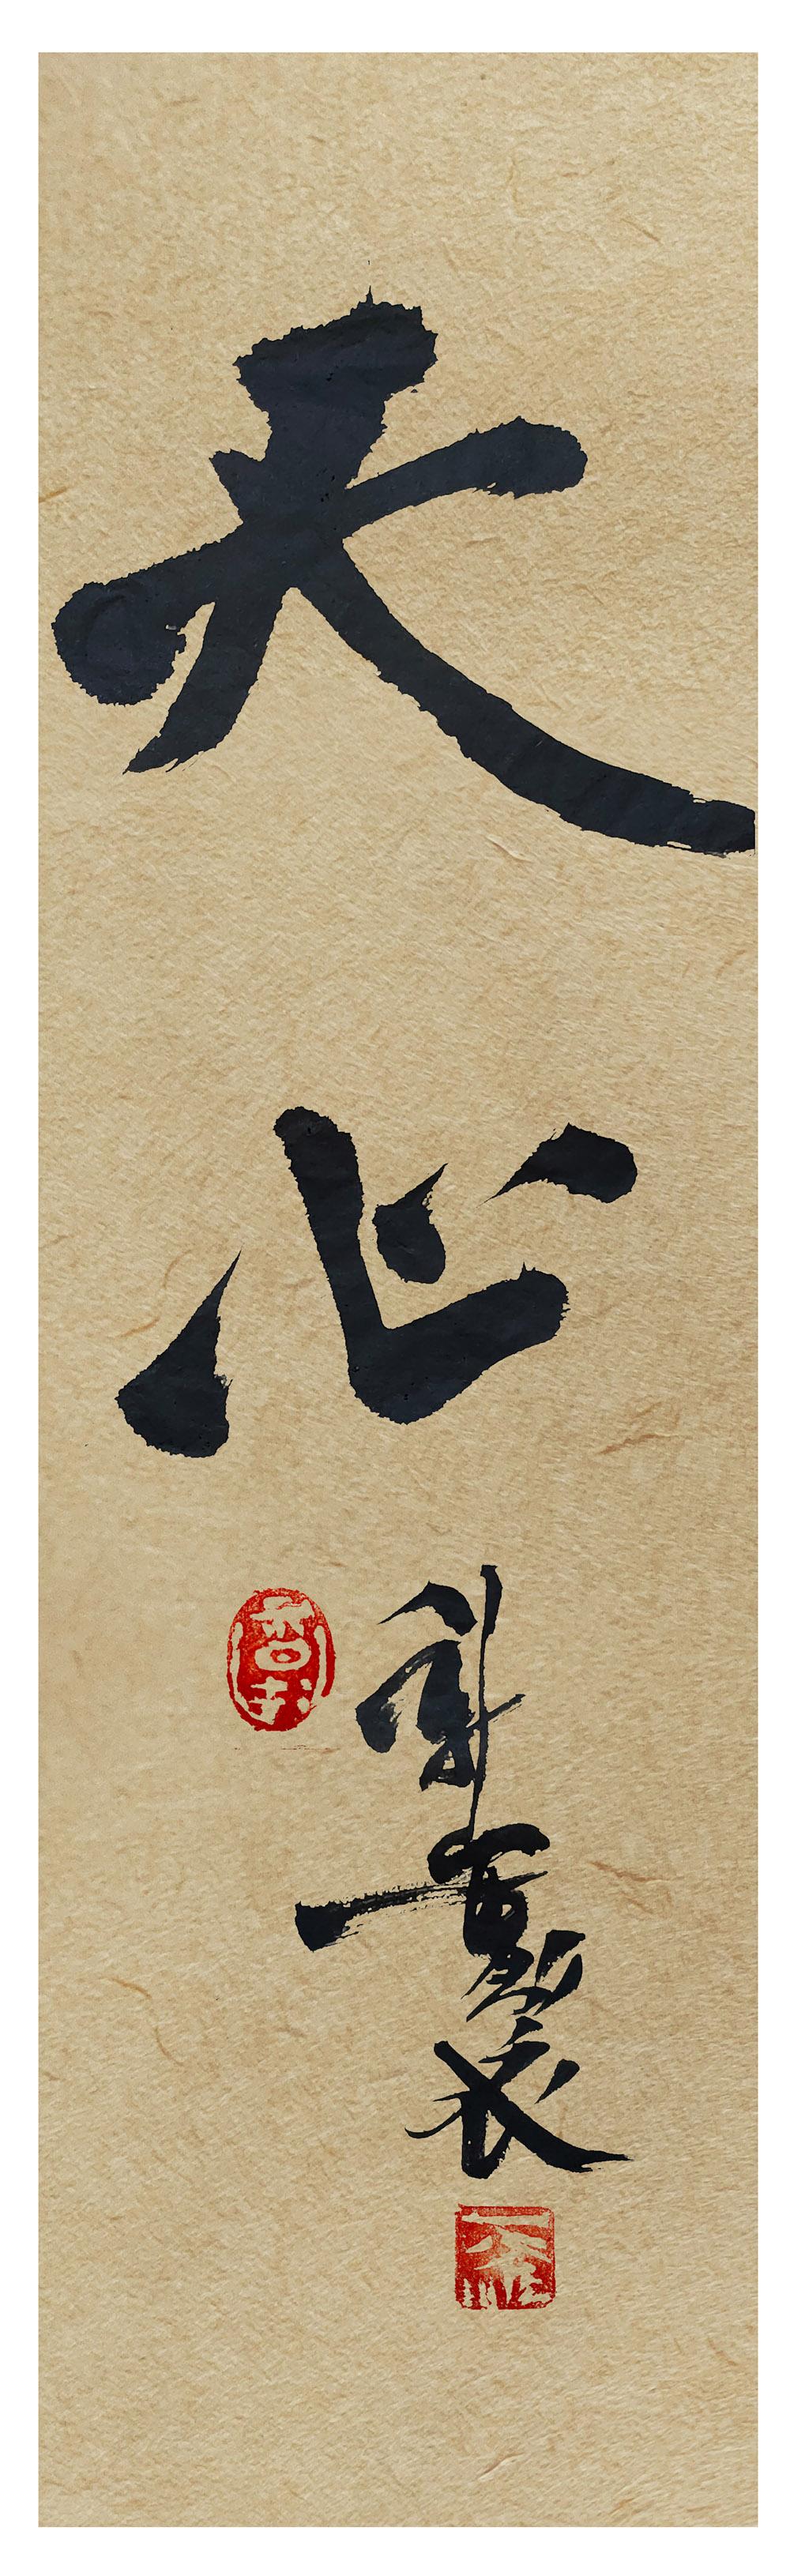 一组书法字体